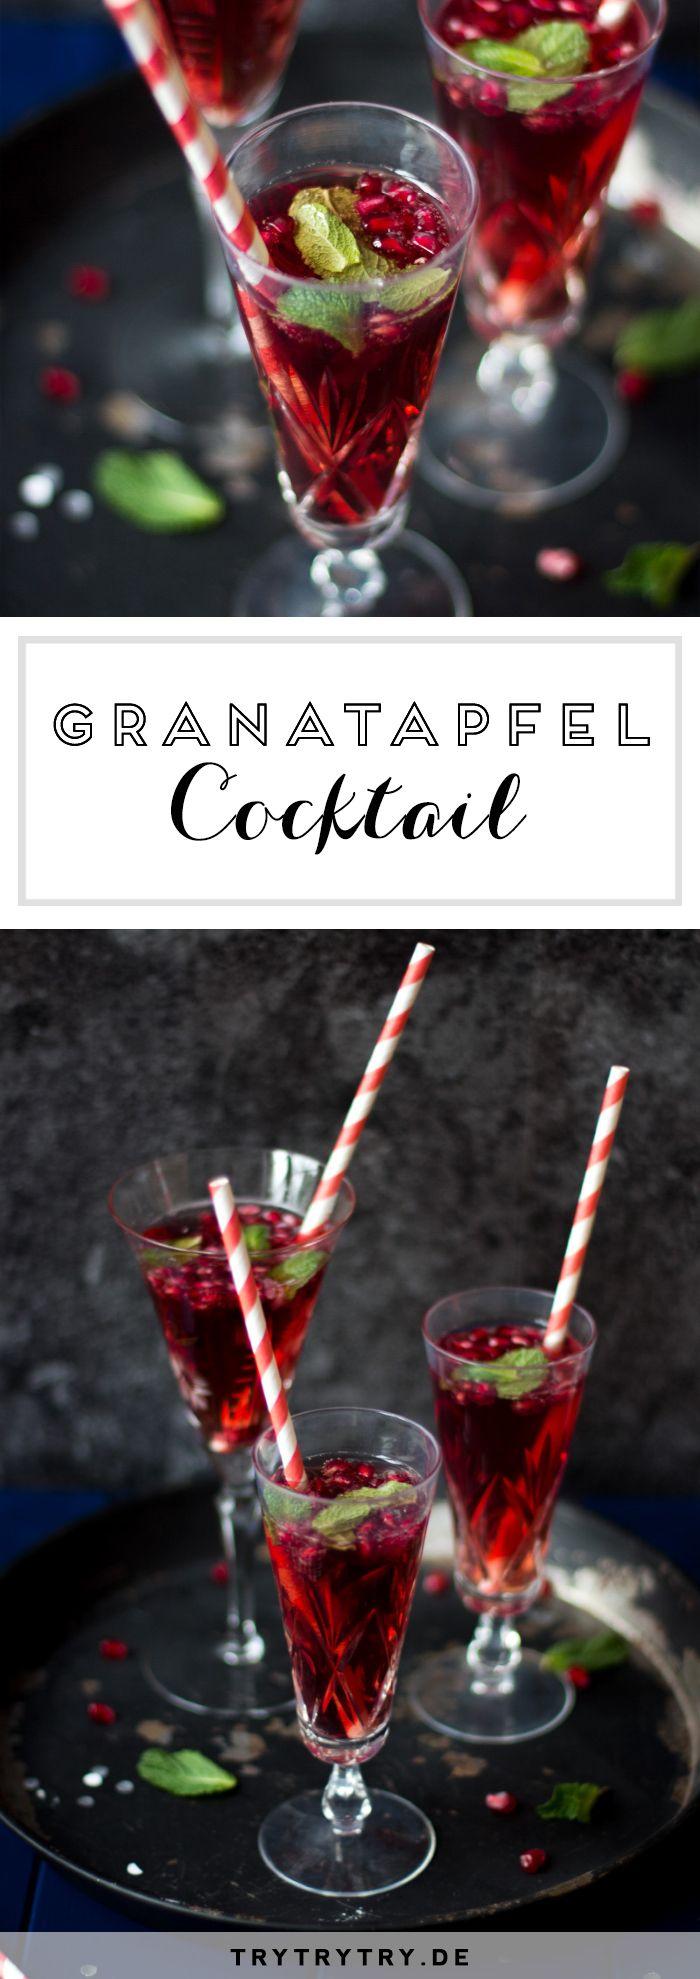 Etwas besonderes für Festtage: Granatapfel Cocktail